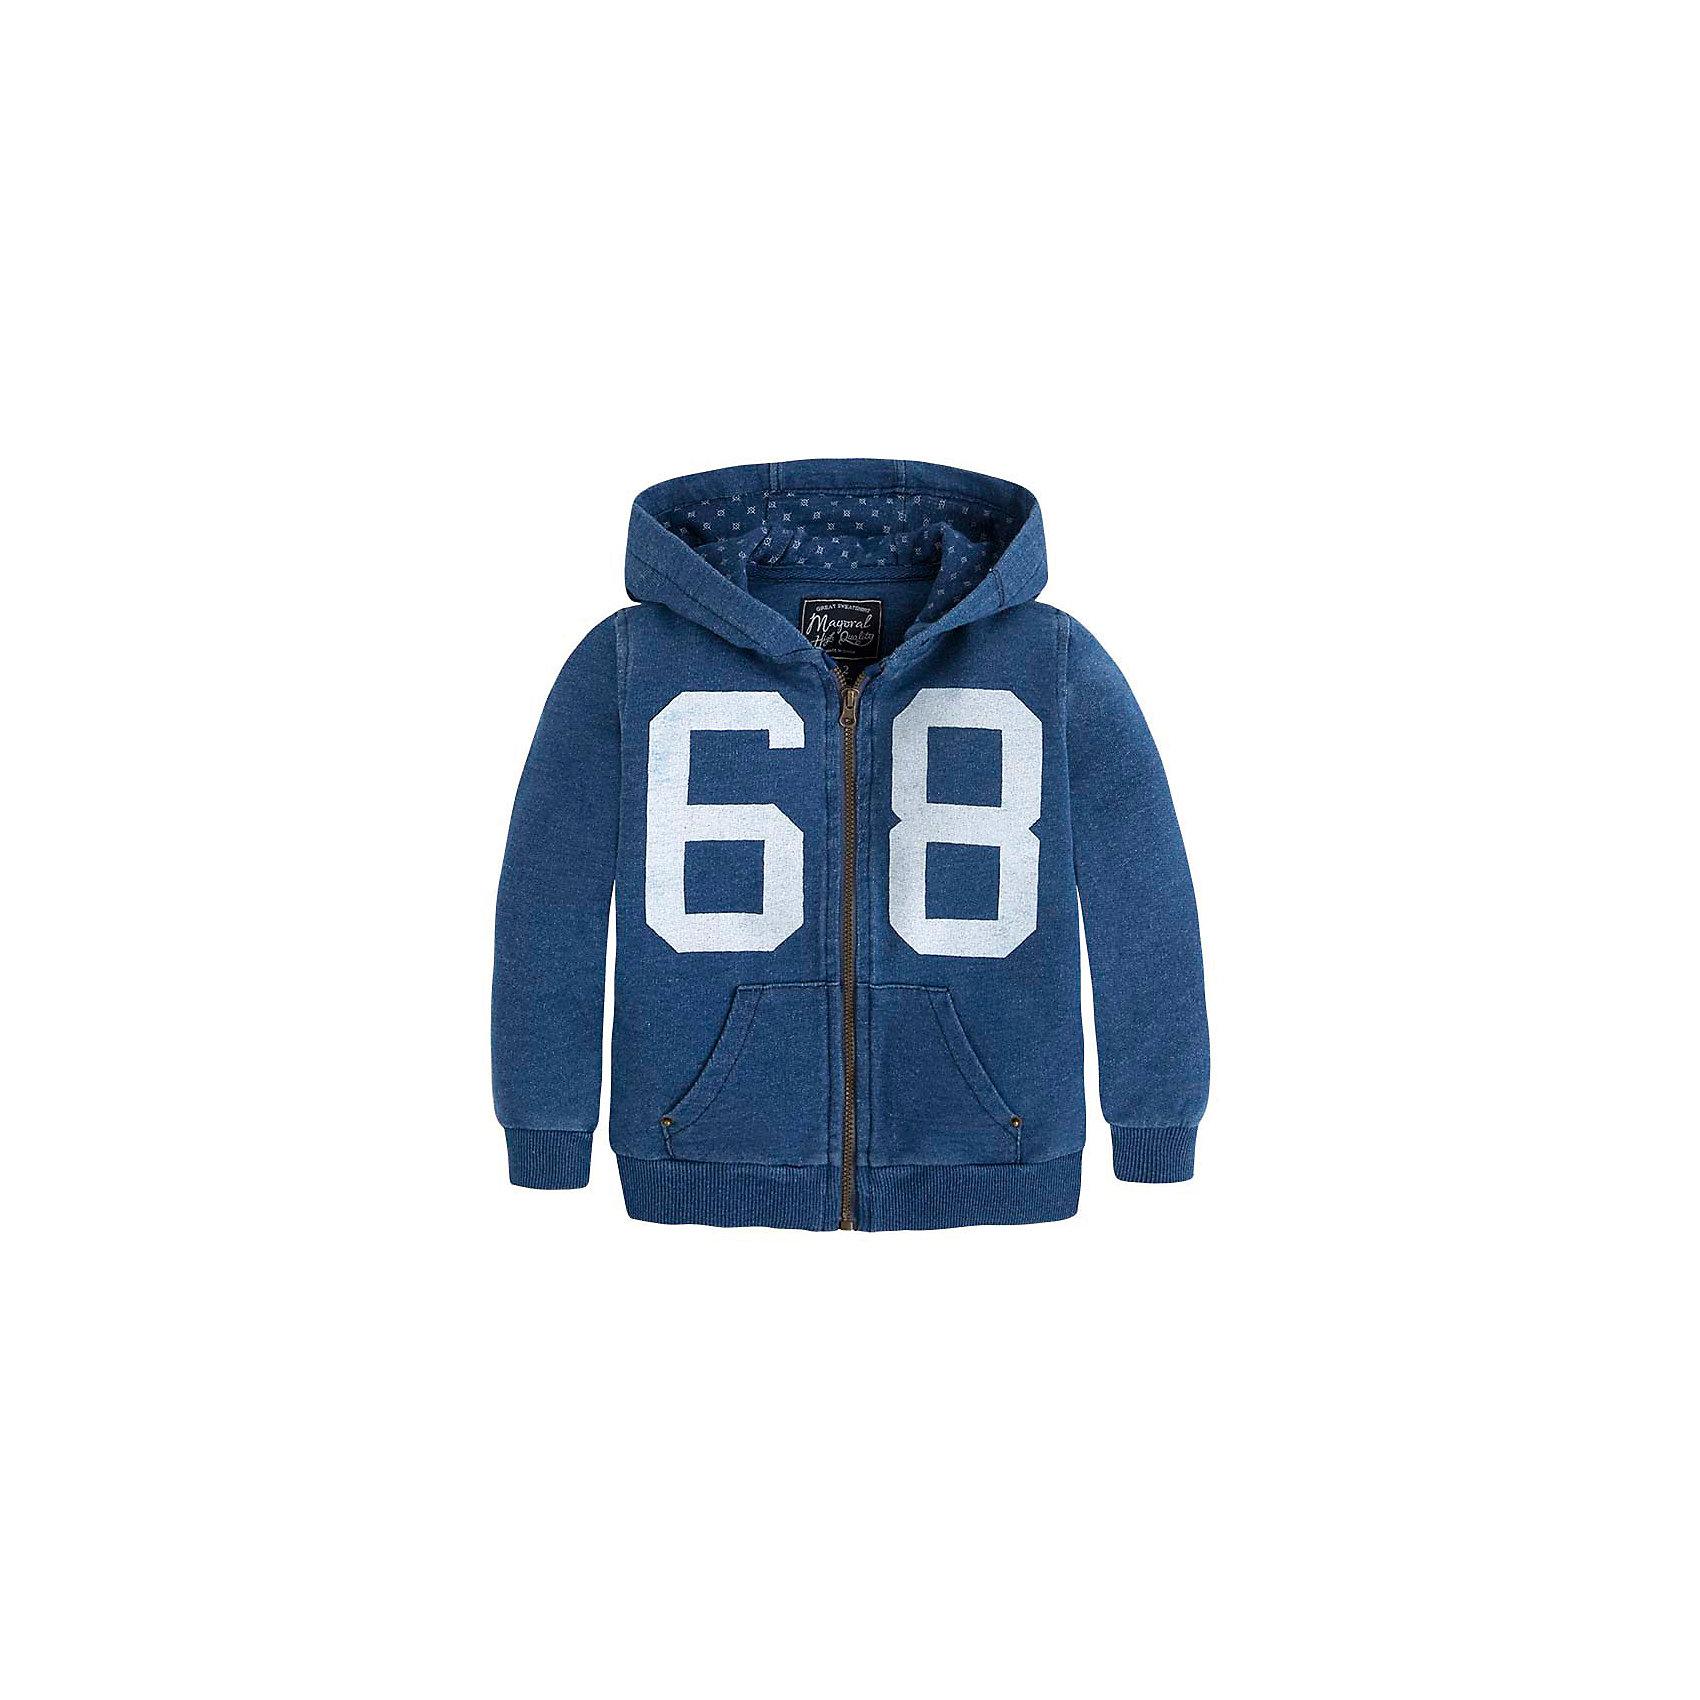 Толстовка для мальчика MayoralКуртка для мальчика от известной испанской марки Mayoral <br><br>Стильная объемная куртка от Mayoral очень оригинально и стильно смотрится. Она прекрасно сочетается с различным низом.  Модель выполнена из качественных материалов, отлично садится по фигуре.<br><br>Особенности модели:<br><br>- цвет: голубой;<br>- рукава длинные;<br>- молния;<br>- украшена принтом;<br>- карманы;<br>- низ и рукава отделаны трикотажной резинкой;<br>- капюшон.<br><br>Дополнительная информация:<br><br>Состав: 85% хлопок, 15% полиэстер<br><br>Куртку для  мальчика Mayoral (Майорал) можно купить в нашем магазине.<br><br>Ширина мм: 356<br>Глубина мм: 10<br>Высота мм: 245<br>Вес г: 519<br>Цвет: голубой<br>Возраст от месяцев: 84<br>Возраст до месяцев: 96<br>Пол: Мужской<br>Возраст: Детский<br>Размер: 128,104,116,122,110,98,134<br>SKU: 4542210